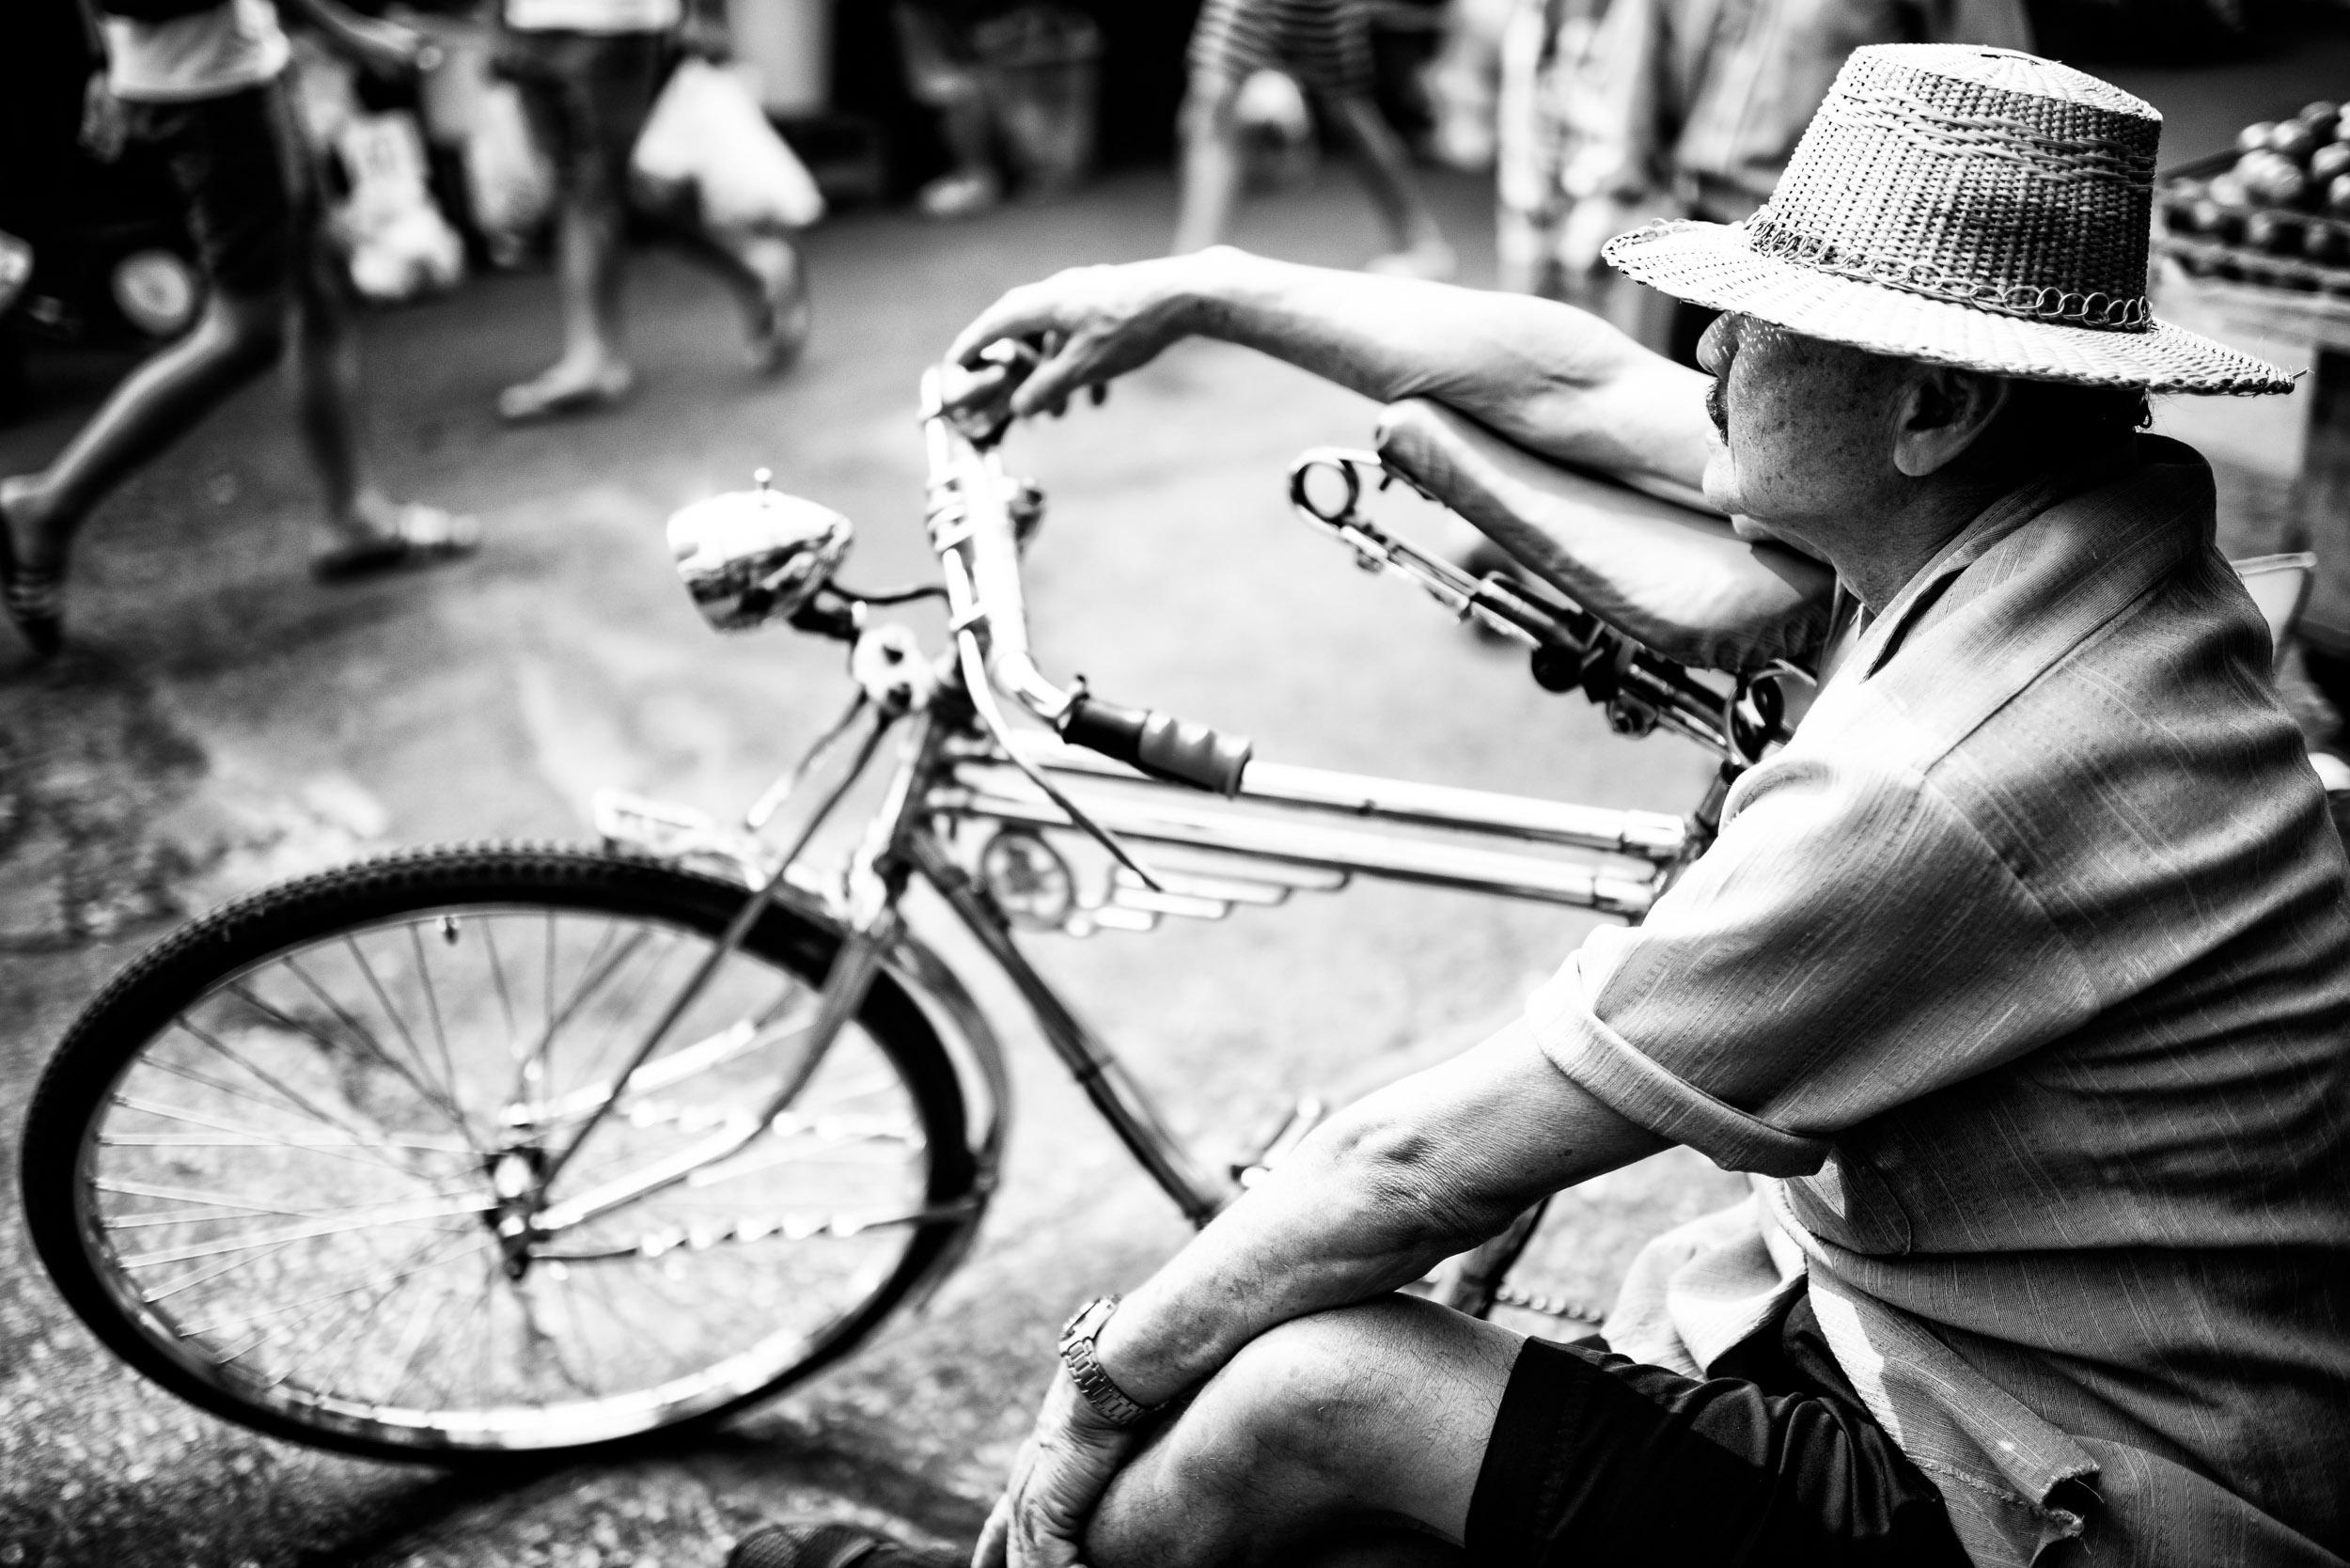 descansando no mercado. © Kevin Landwer-Johan